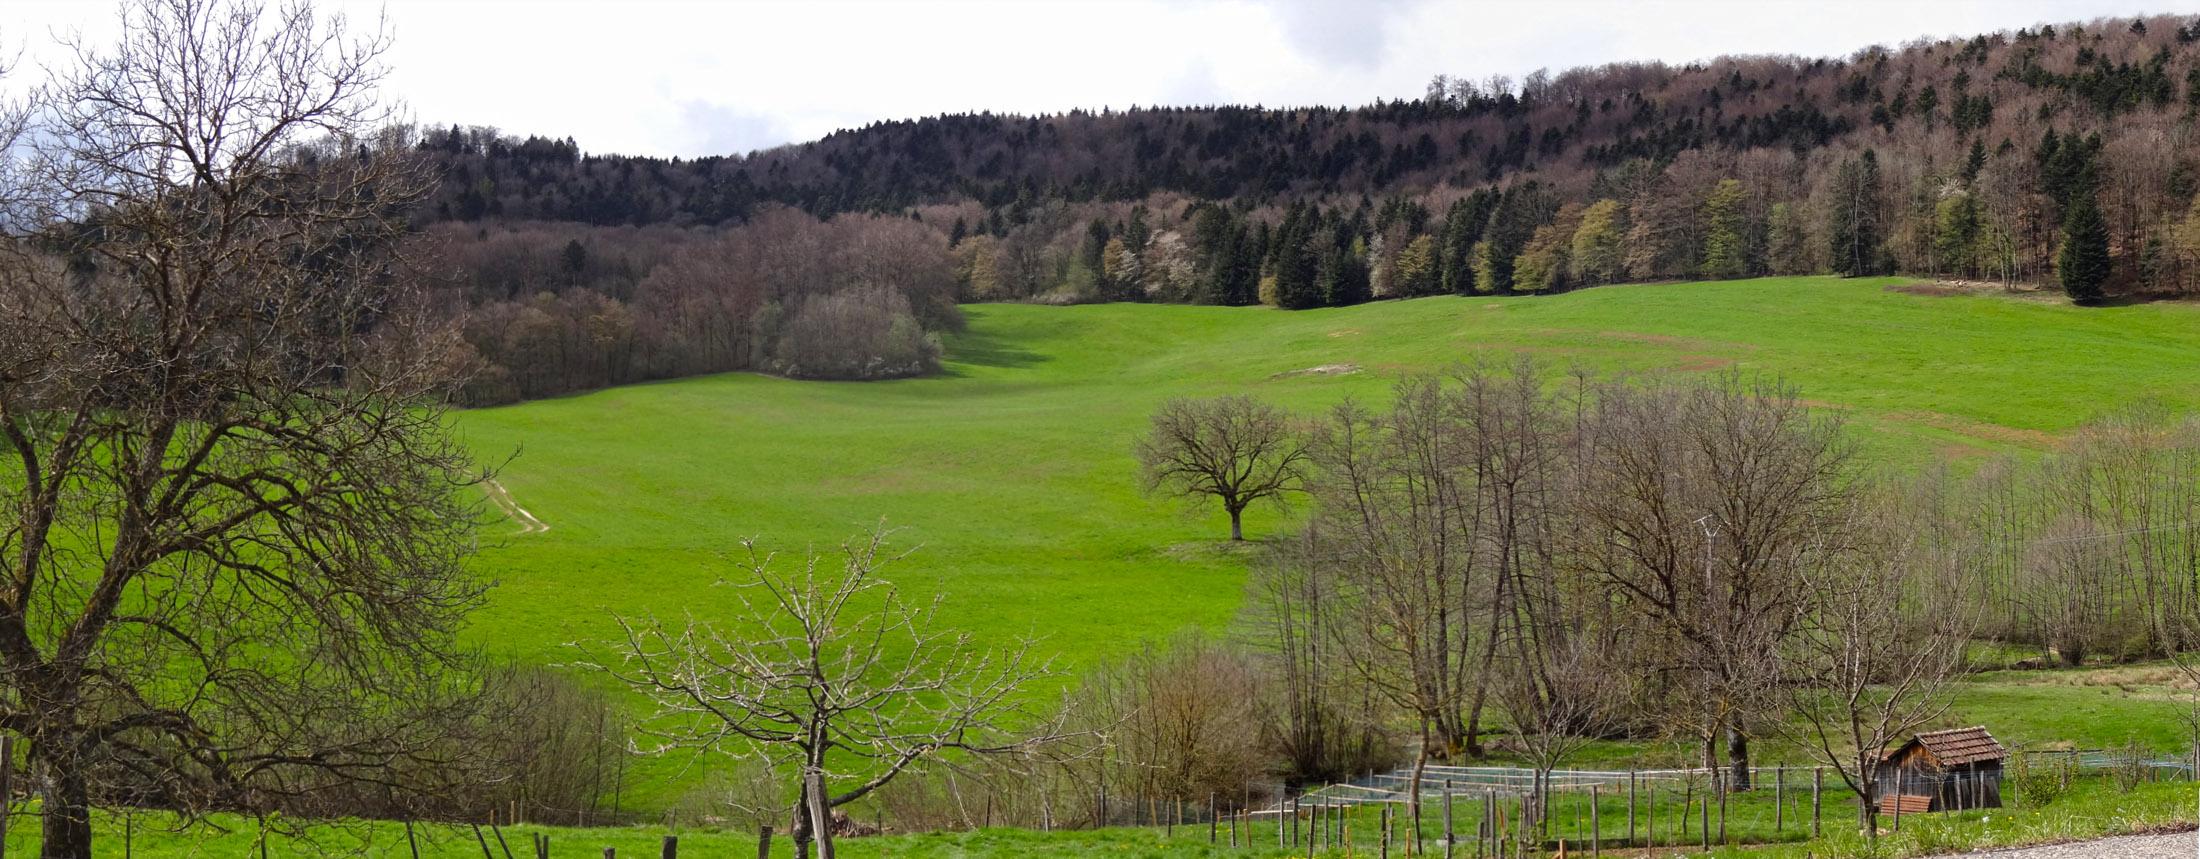 Le jura alsacien donne l impression d un paysage for Paysage definition